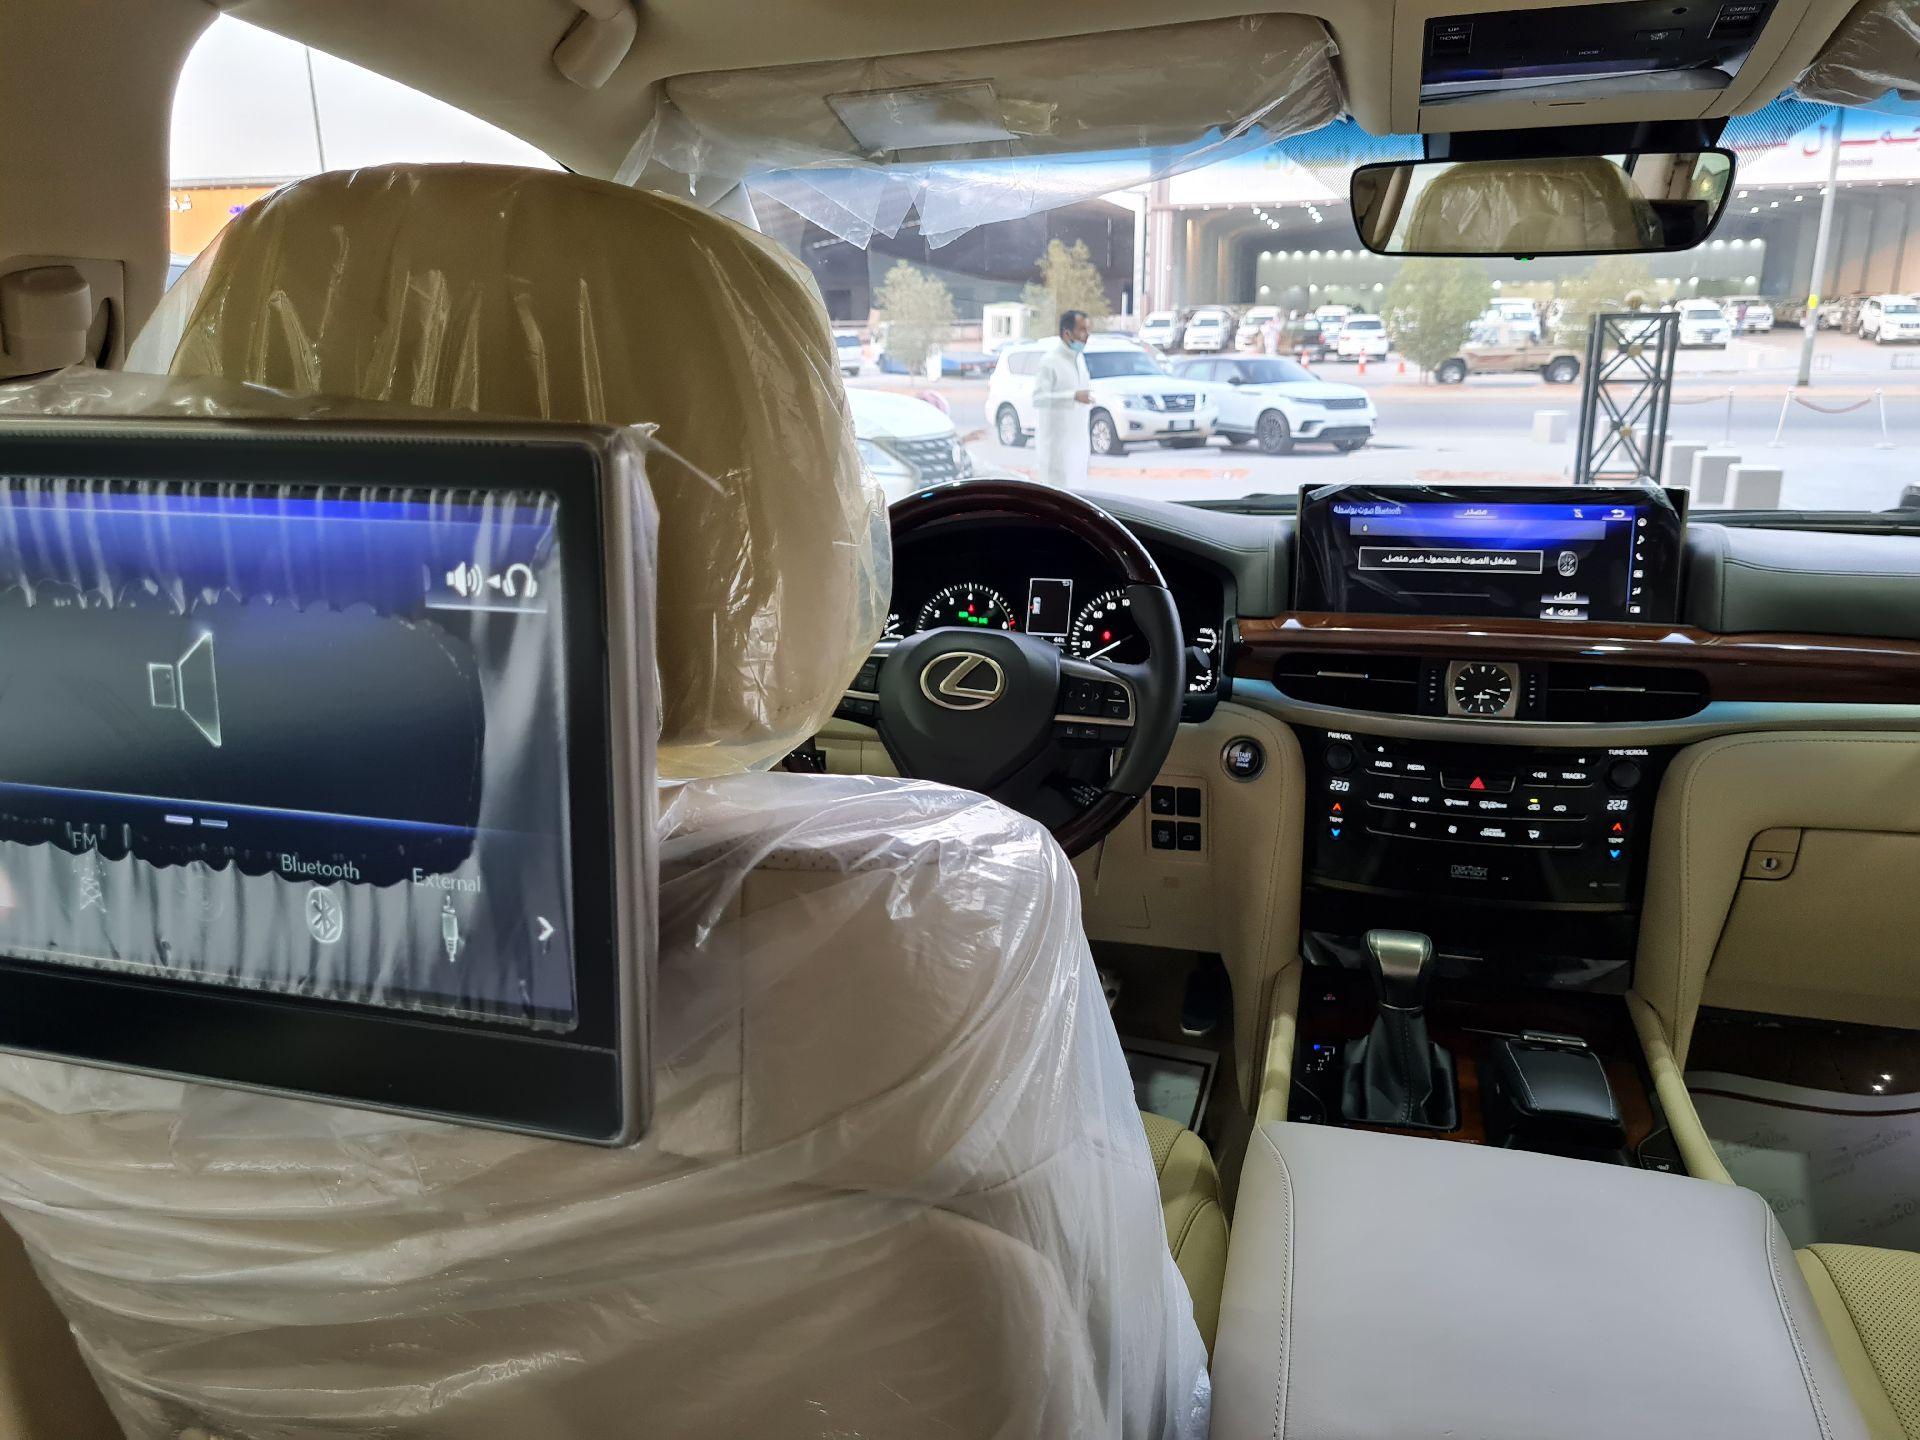 لكزس LX 570-S Sport خليجي 2020 فل للبيع في الرياض - السعودية - صورة كبيرة - 11